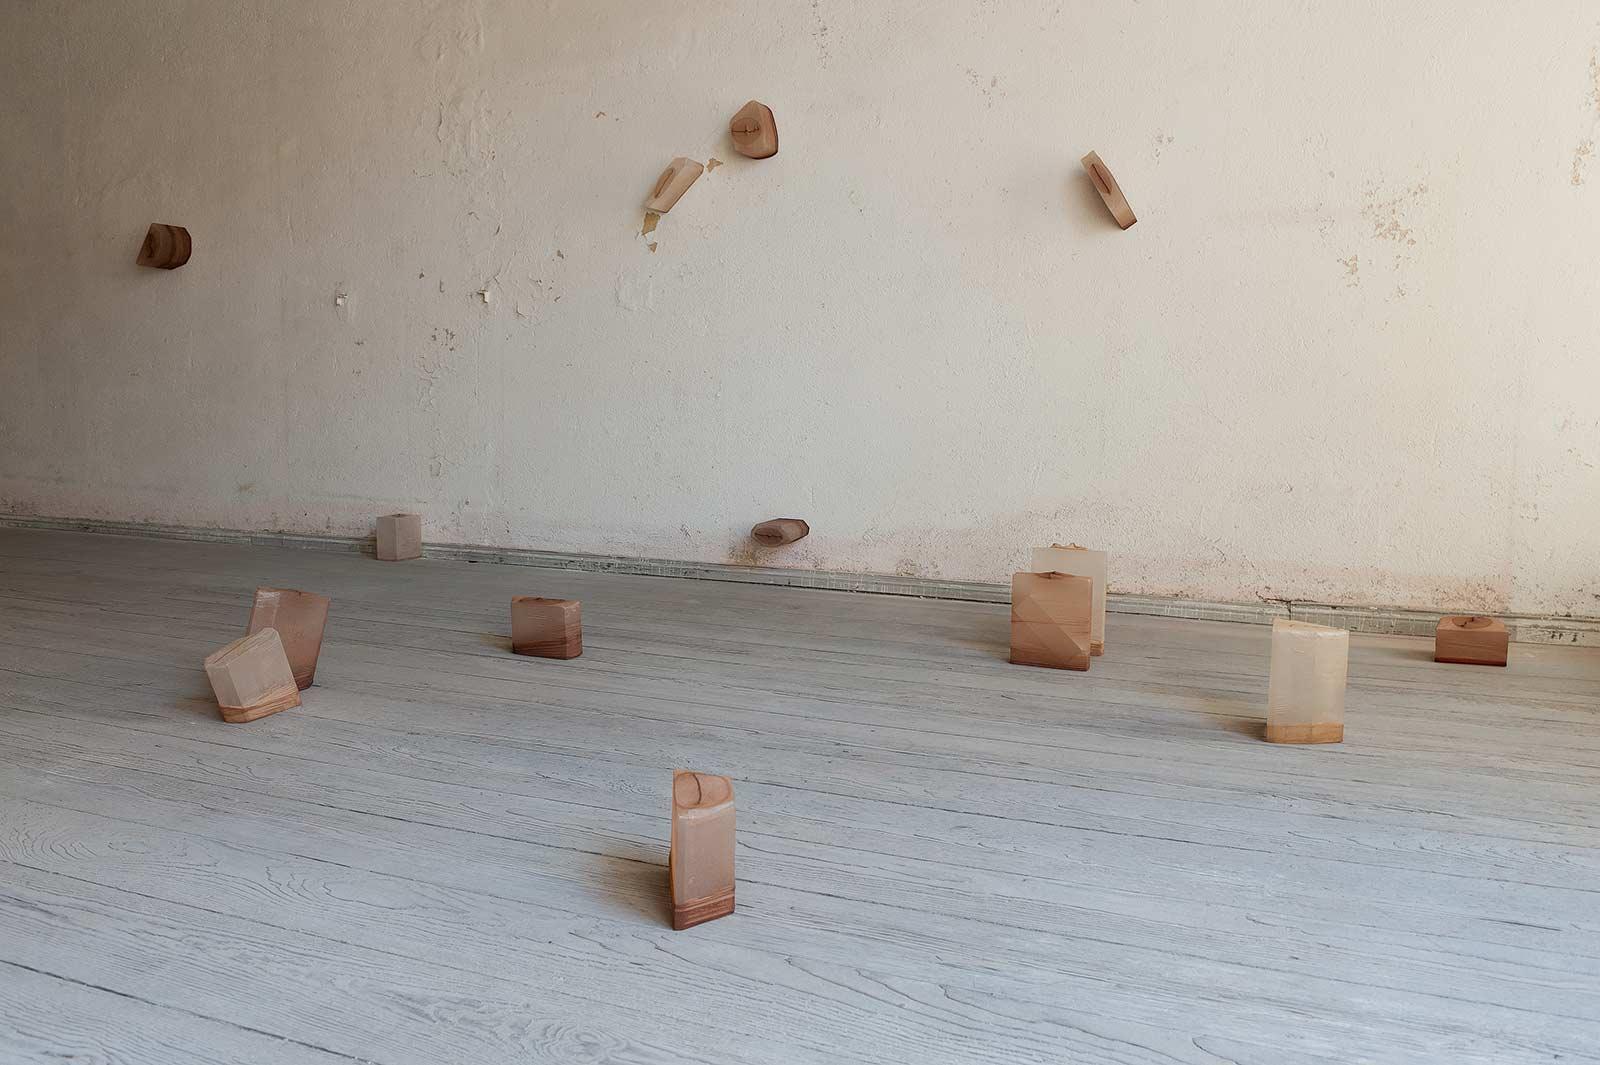 """Installationsansicht """"shaped bodies"""" im ehemaligen jüdischen «Kaufhaus Adolph Totschek»"""